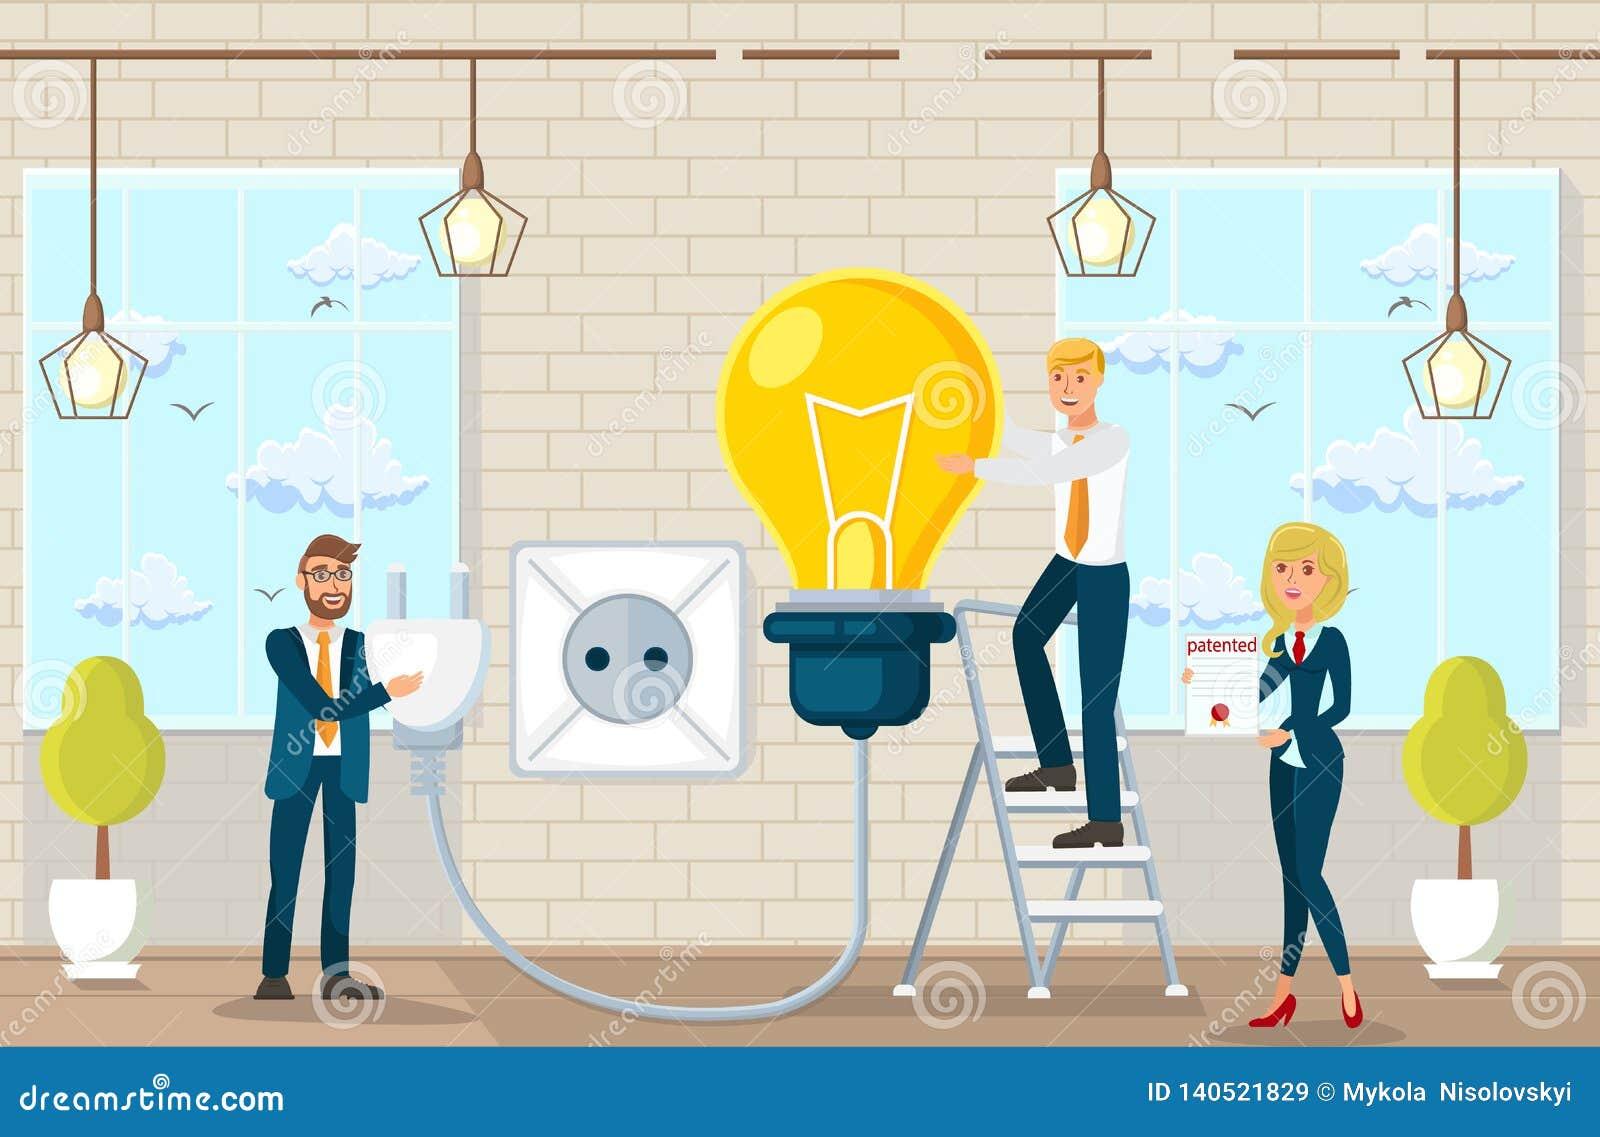 Sugestões e ideias de fatura lisas no escritório de advogados